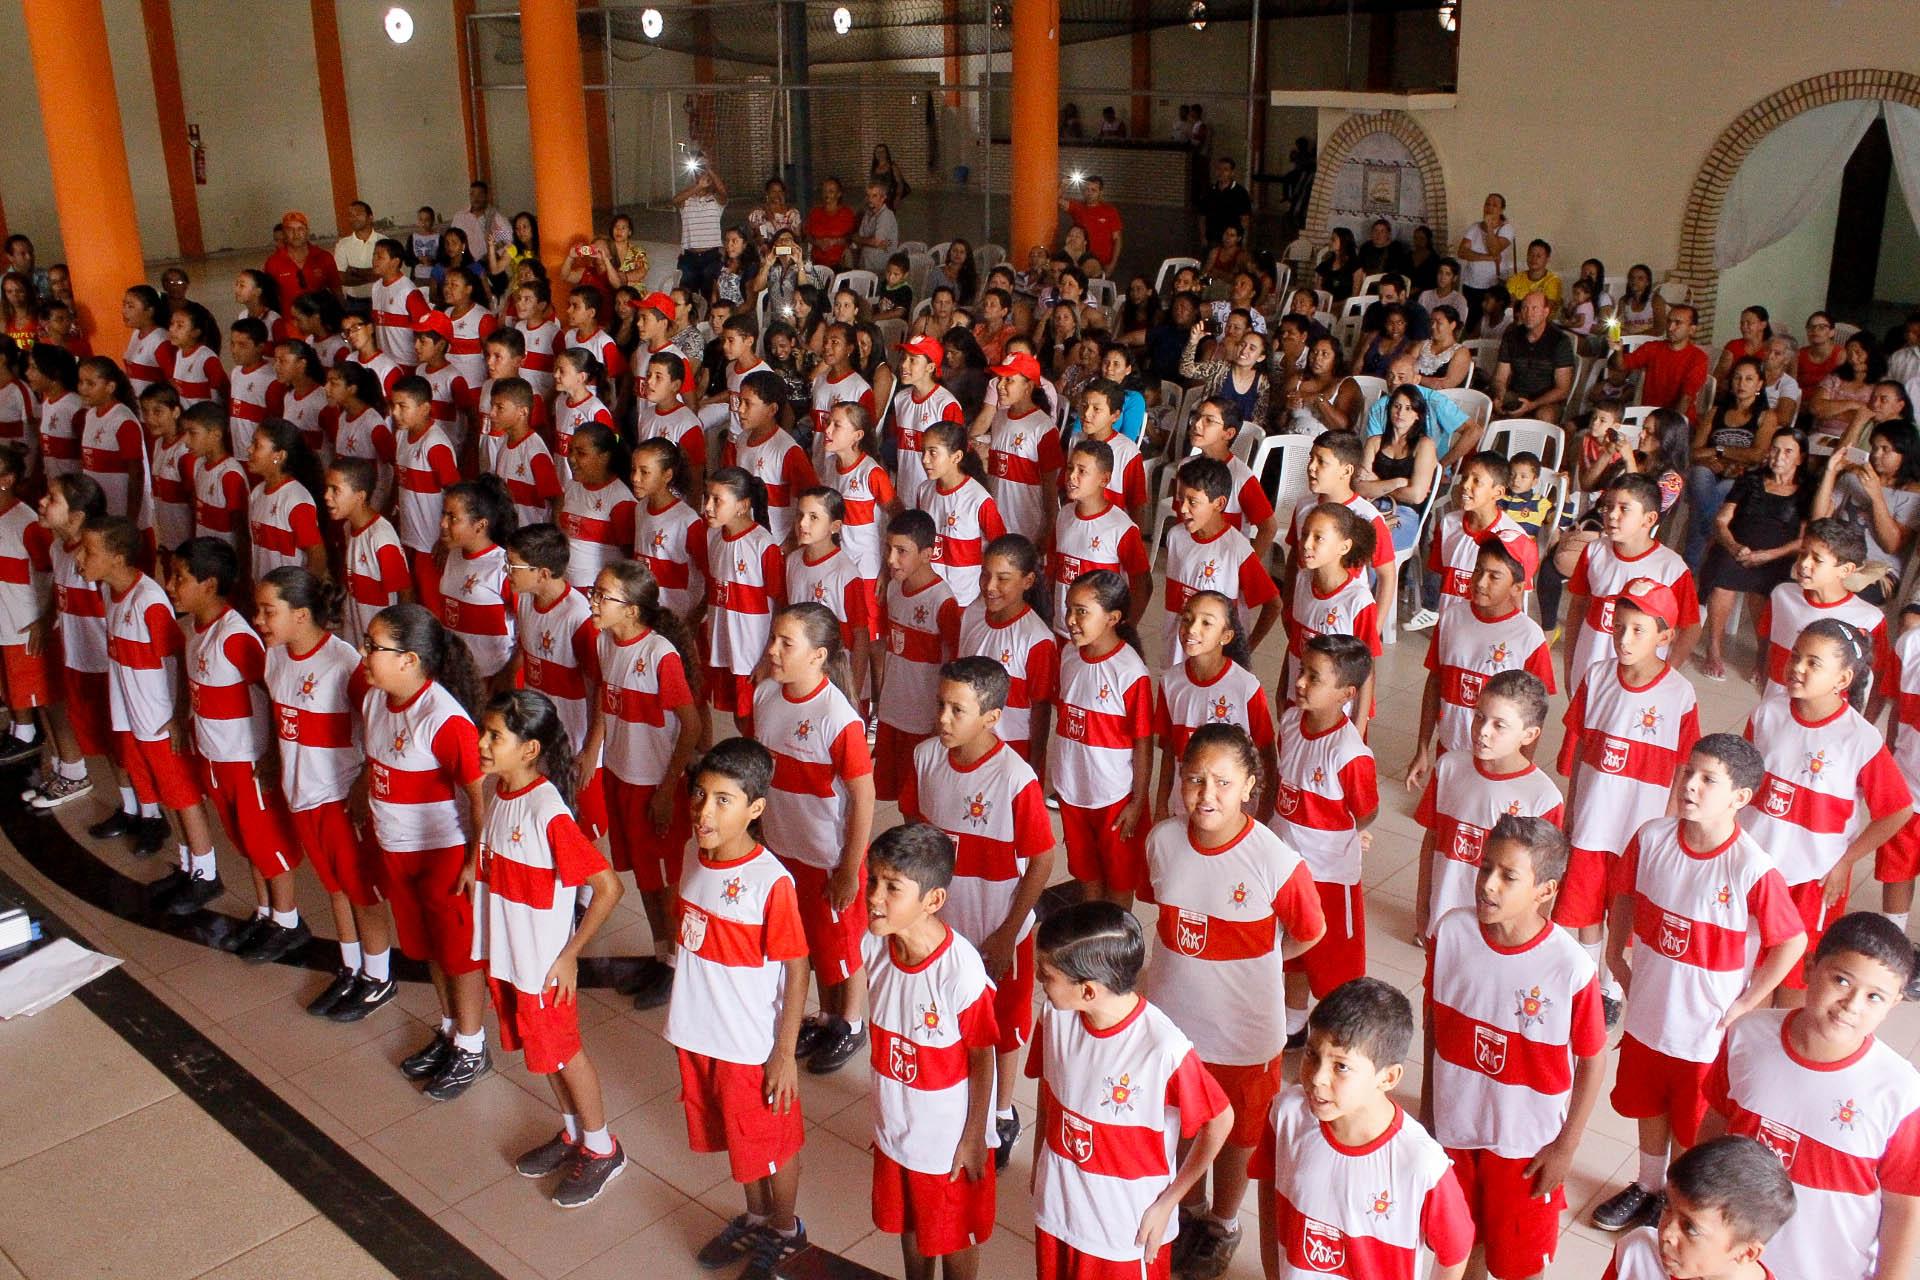 Mantido o Projeto Bombeiro Mirim, programa que oferece atividades educativas, esportivas, culturais e recreativas e inclui atividades de Bombeiro Militar, como primeiro socorros, salvamento e prevenção de acidentes domésticos, e incêndios para crianças e adolescentes que estudam na rede pública, com idade entre 7 e 14 anos. Atendimento, por evento, de aproximadamente 1.500 crianças.